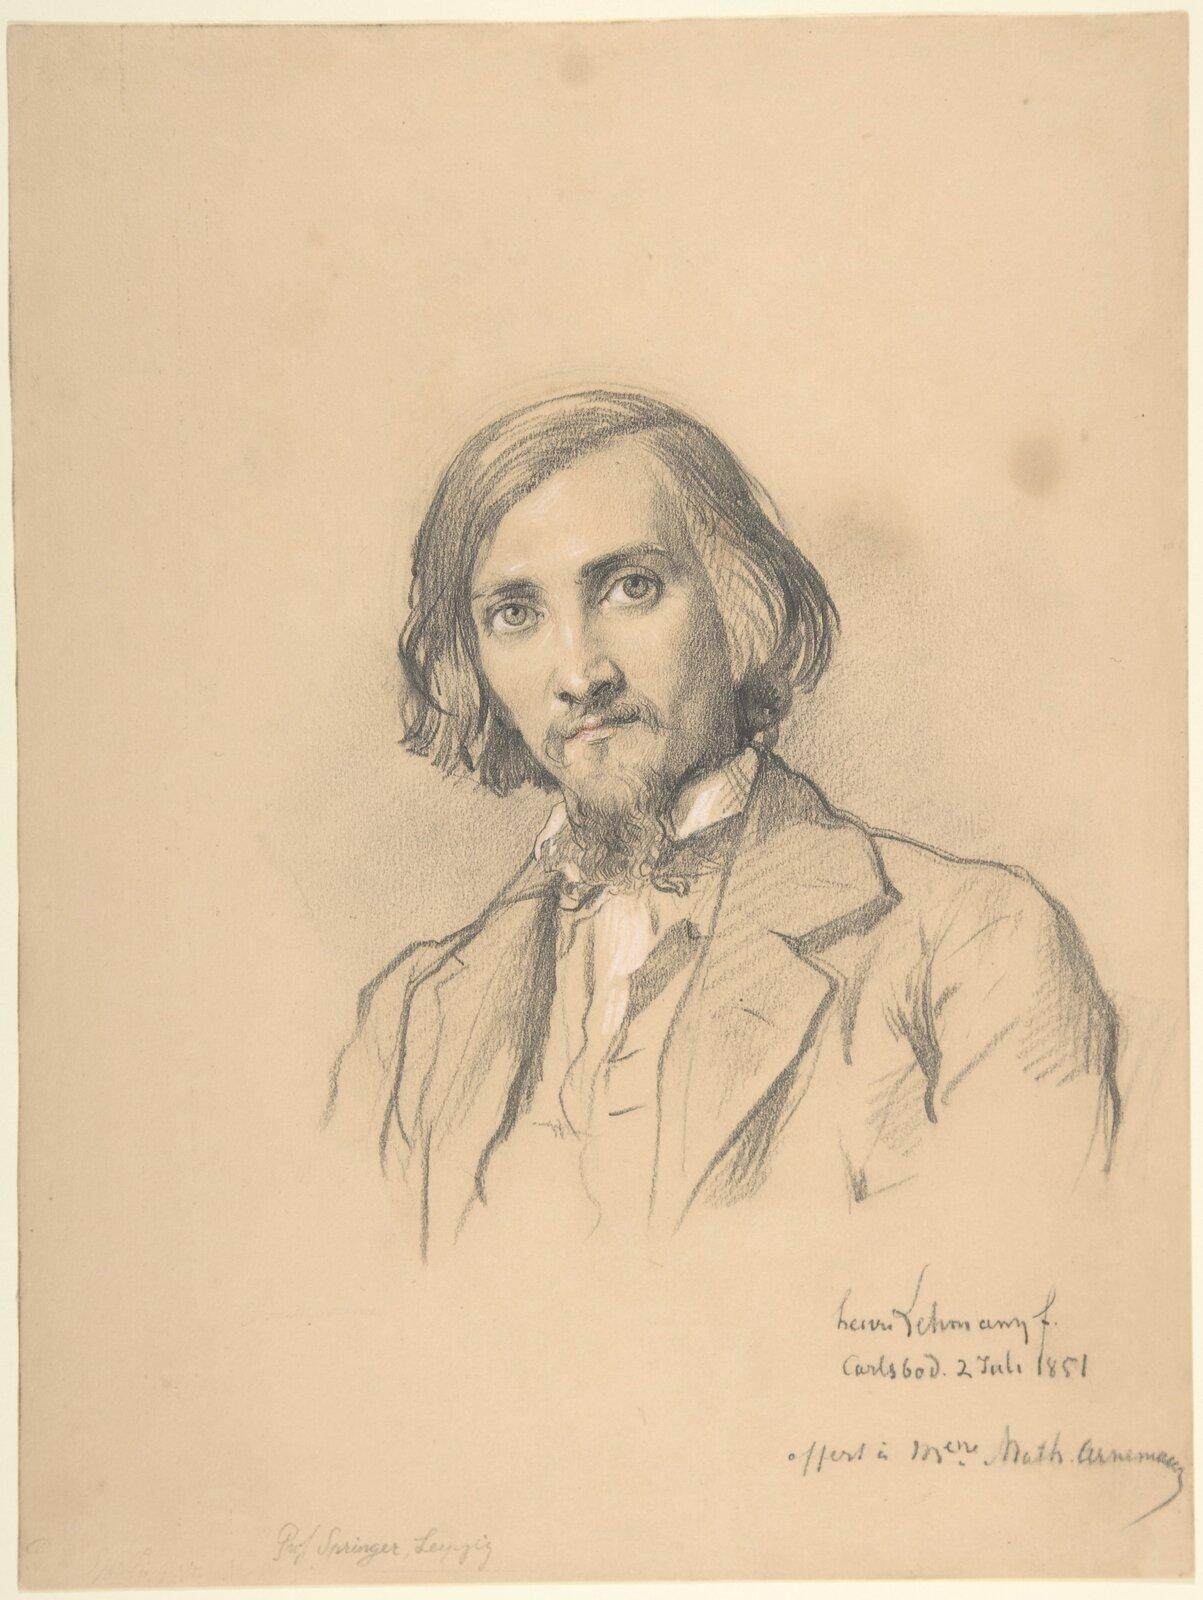 """Ilustracja przedstawia rysunek """"Anton Heinrich Springer"""" autorstwa Henriego Lehmanna. Dzieło ukazuje szkic ołówkiem na pożółkłym papierze. Artysta przy pomocy lekko cieniowanego rysunku stworzył portret młodego mężczyznę zwąsami ibródką. Postać ubrana jest wpłaszcz zdużym kołnierzem, kamizelkę oraz koszulę, która jako jedyna podrysowana jest białą kredką. Półdługie, proste, ciemne włosy zaczesane są na prawą stronę. Twarz zwrócona jest ku odbiorcy, oczy spoglądają lekko wgórę. Wdolnym, prawym rogu pracy widnieje data, notka ipodpis artysty. Rysunek skomponowany jest statycznie, postać mężczyzny znajduje się wjego centrum."""